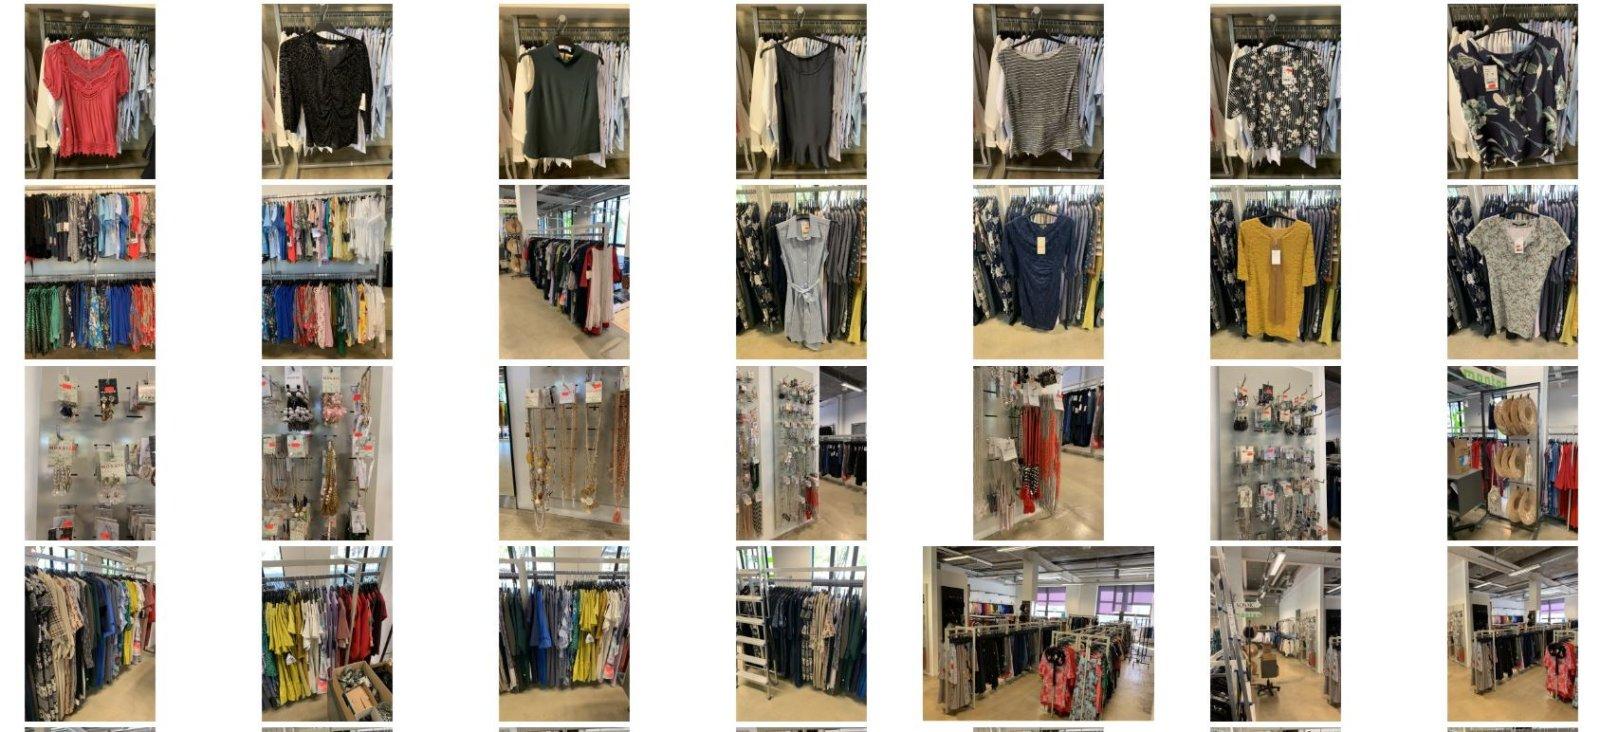 FOTOD | Ootamatu areng. Eesti rõivatootmise suurnimi ei maksa renti. Tohutu kogus riideid ja muud nodi pannakse oksjonile: